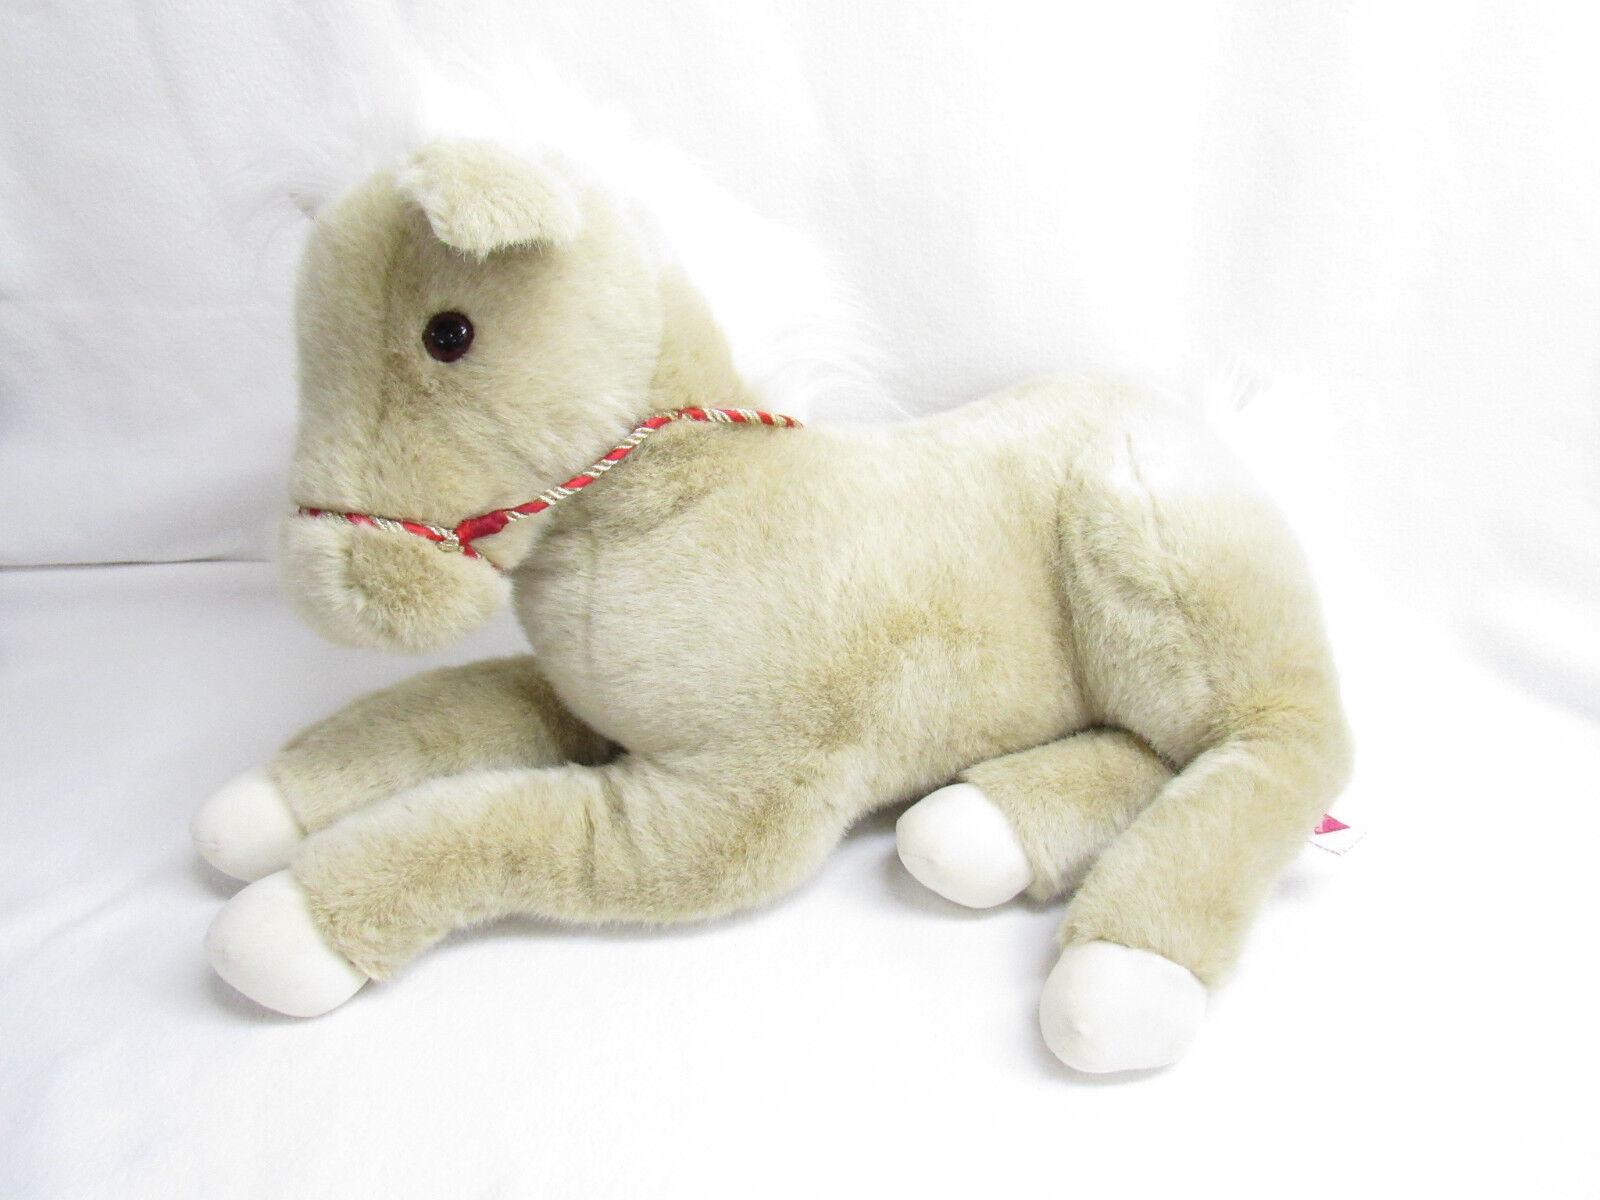 VTG 1991 DAKIN LARGE PONY HORSE STUFFED TOY